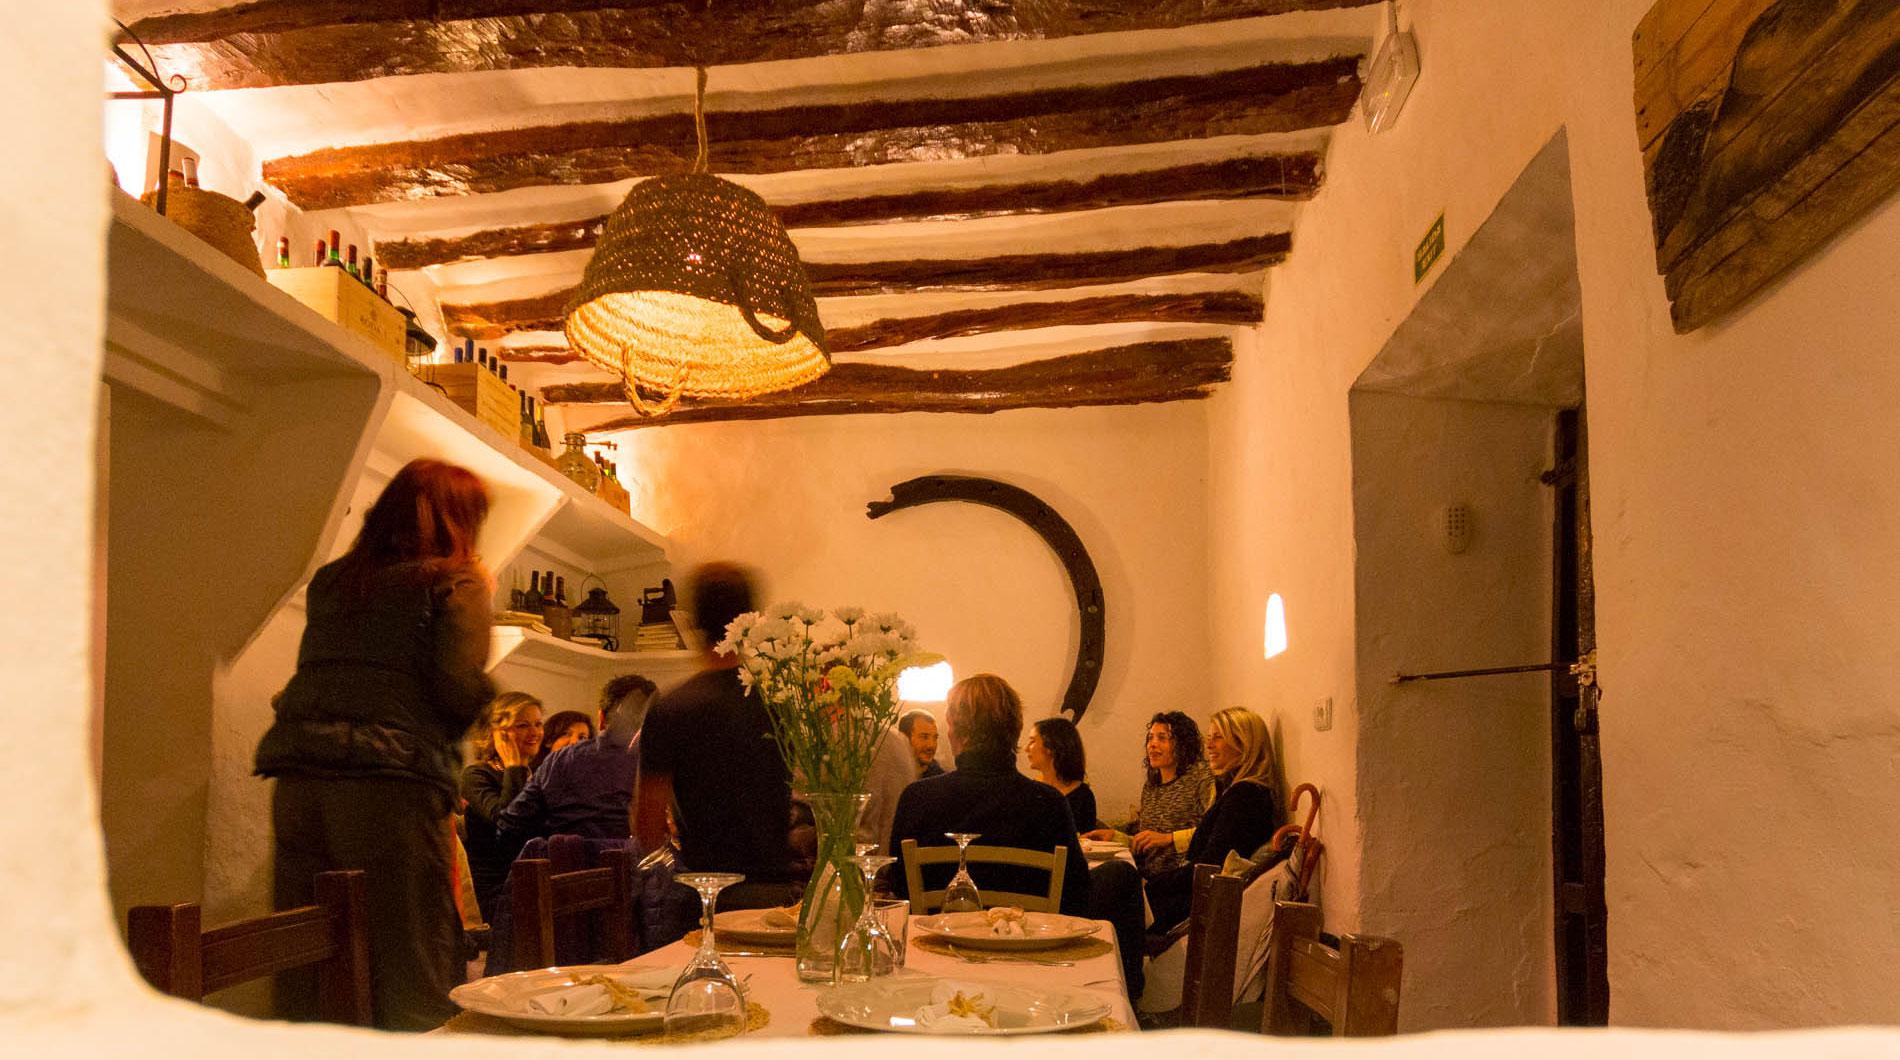 Restaurante slide 4